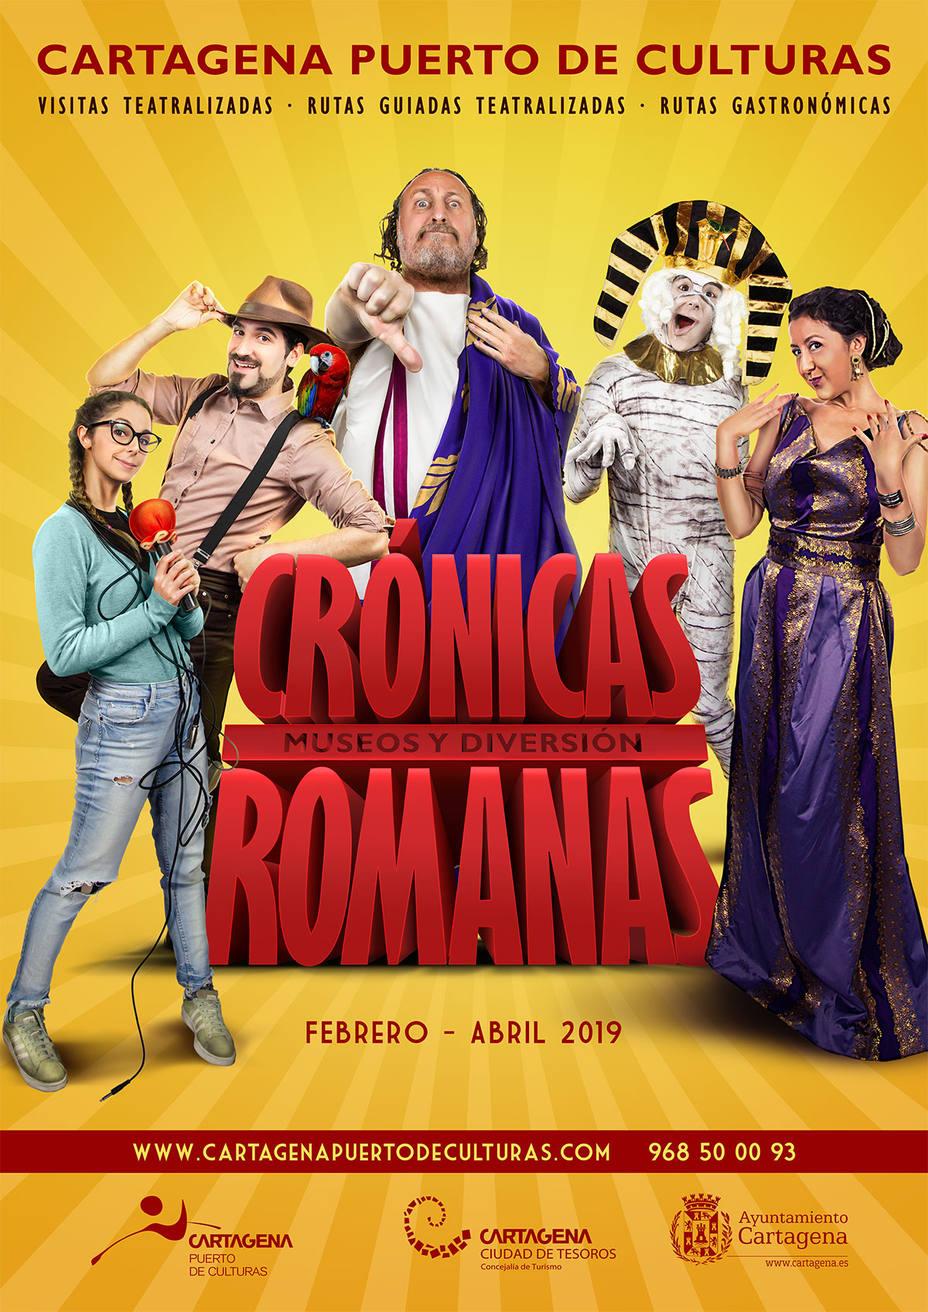 Las crónicas romanas de Puerto de Culturas